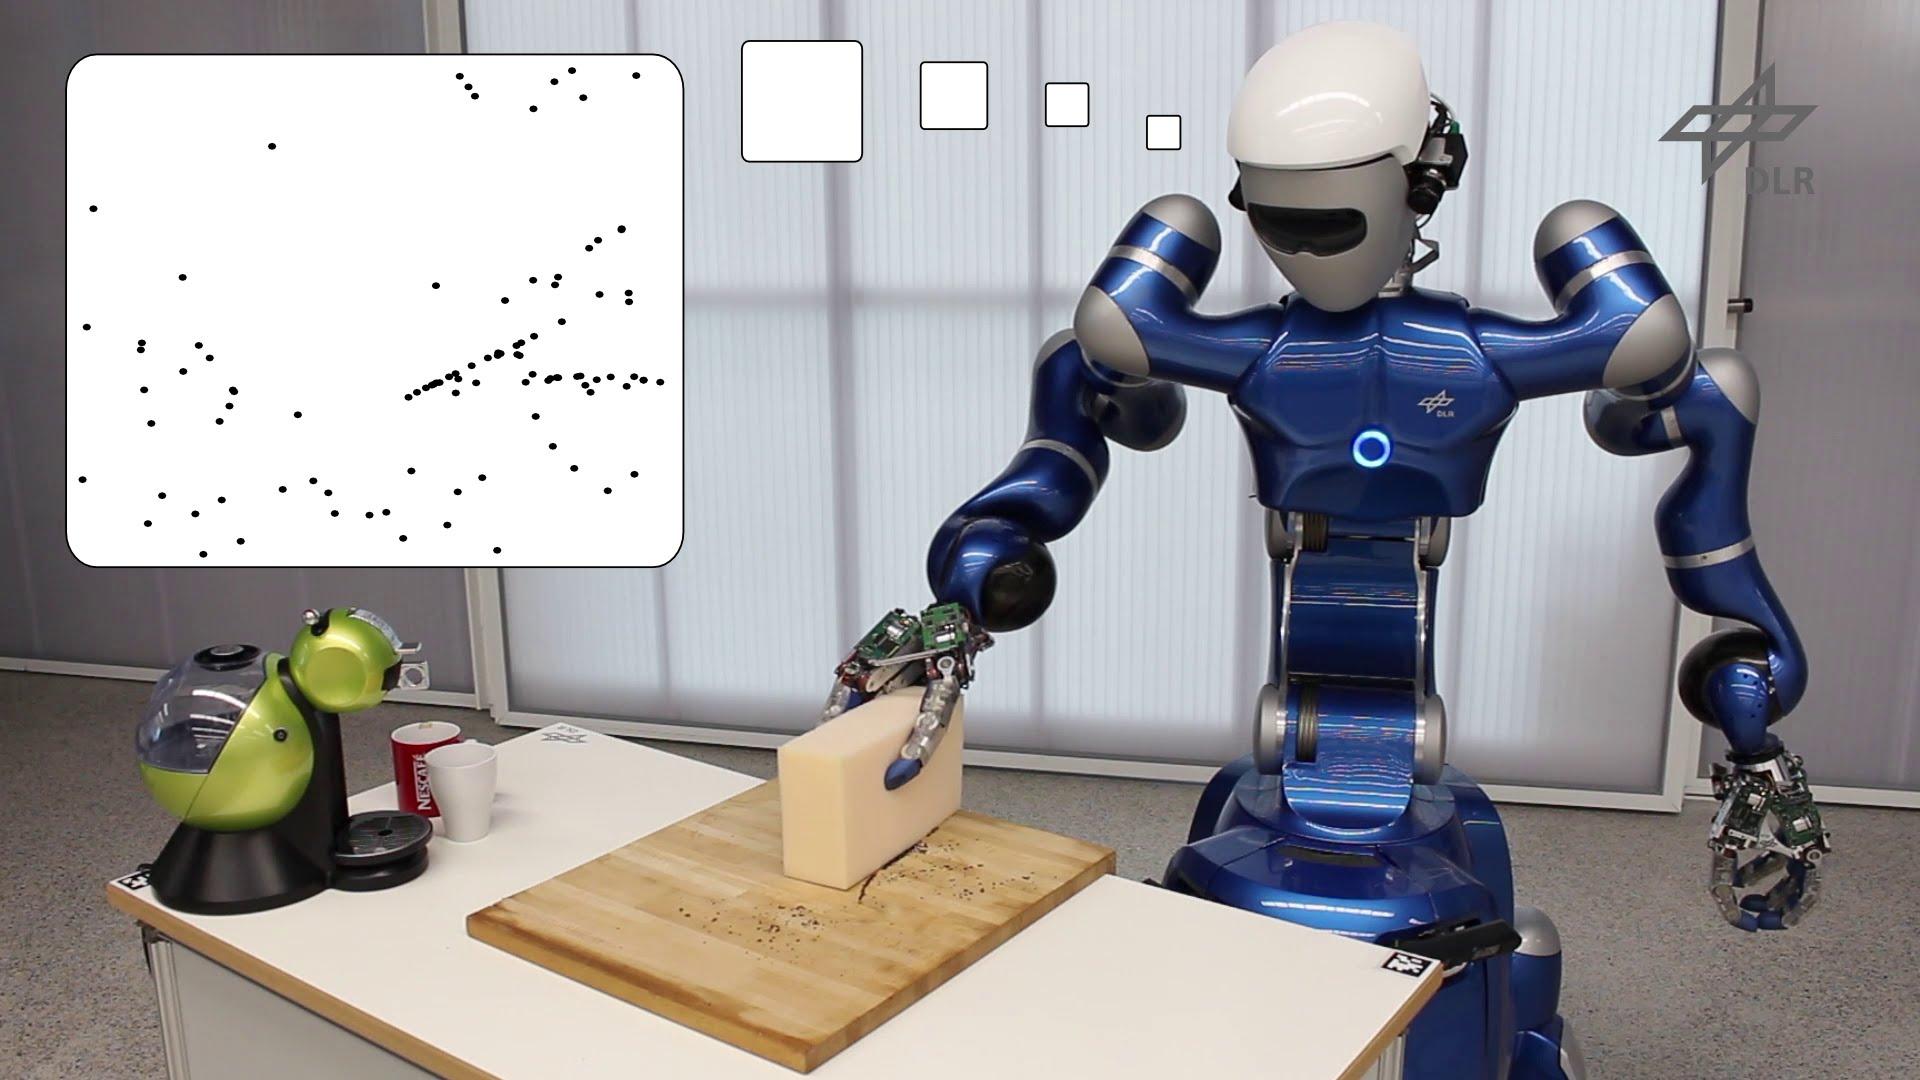 Econocom Brings the Robots!